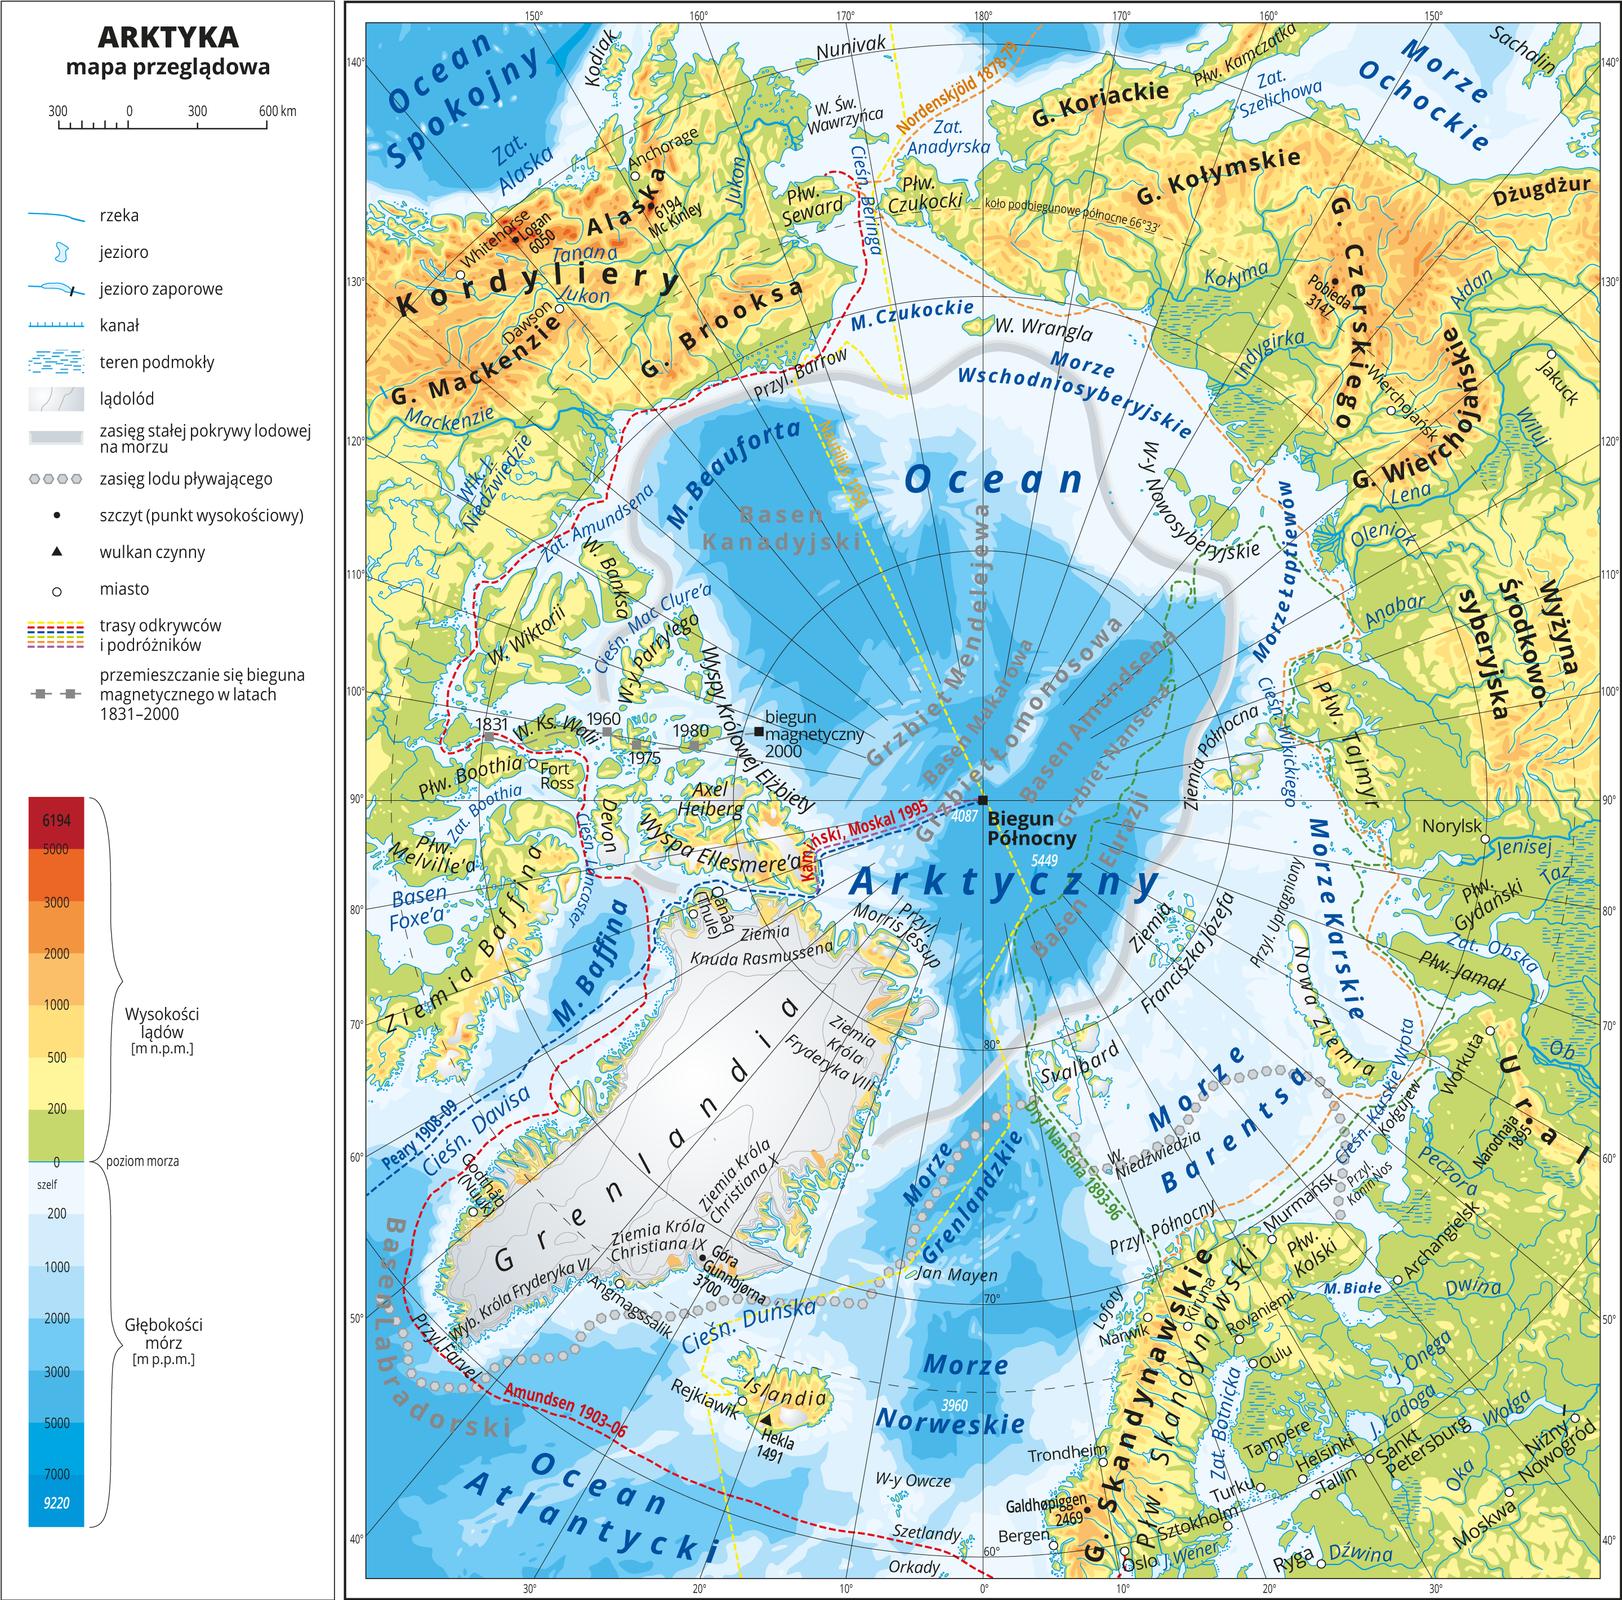 Ilustracja przedstawia mapę przeglądową Arktyki. Wobrębie lądów występują obszary wkolorze zielonym, żółtym, pomarańczowym iczerwonym. Morza zaznaczono sześcioma odcieniami koloru niebieskiego. Na mapie opisano nazwy wysp, półwyspów, głównych nizin, wyżyn ipasm górskich, mórz, zatok, rzek ijezior. Oznaczono iopisano główne miasta. Oznaczono czarnymi kropkami iopisano szczyty górskie. Mapa pokryta jest równoleżnikami ipołudnikami. Dookoła mapy wbiałej ramce opisano współrzędne geograficzne co dziesięć stopni. Wlegendzie umieszczono iopisano znaki użyte na mapie.